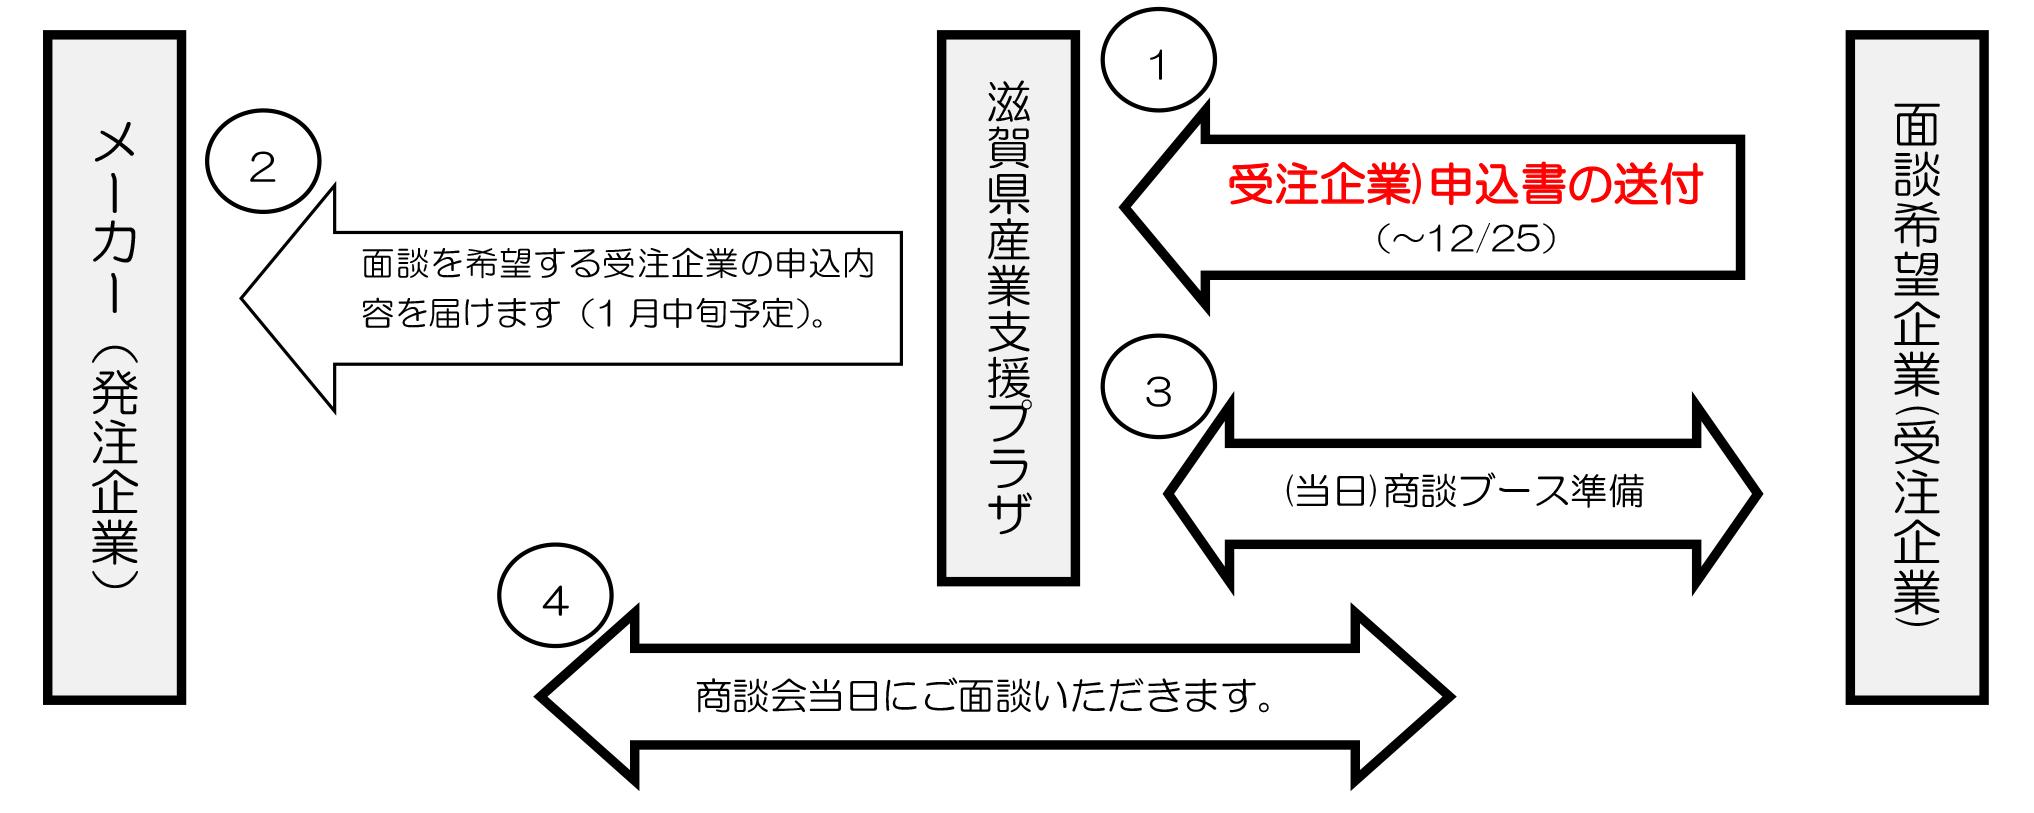 滋賀県オンライン商談会・開催までの流れ